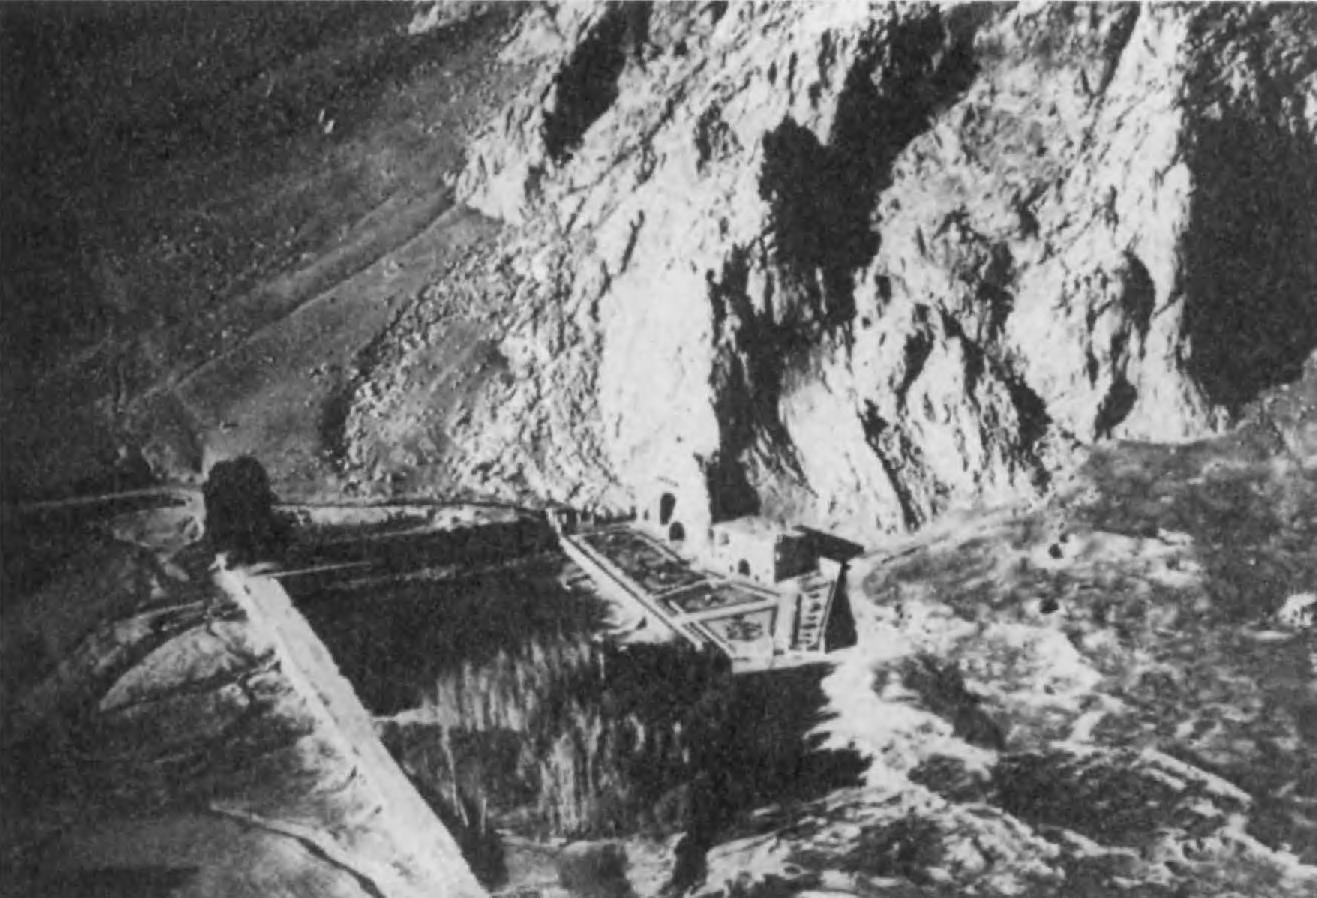 9.Так-и Бустан, близ Керманшаха. В этом гроте на сасанидских рельефах можно видеть всадников в доспехах — предшественников европейских рыцарей позднейшего времени.